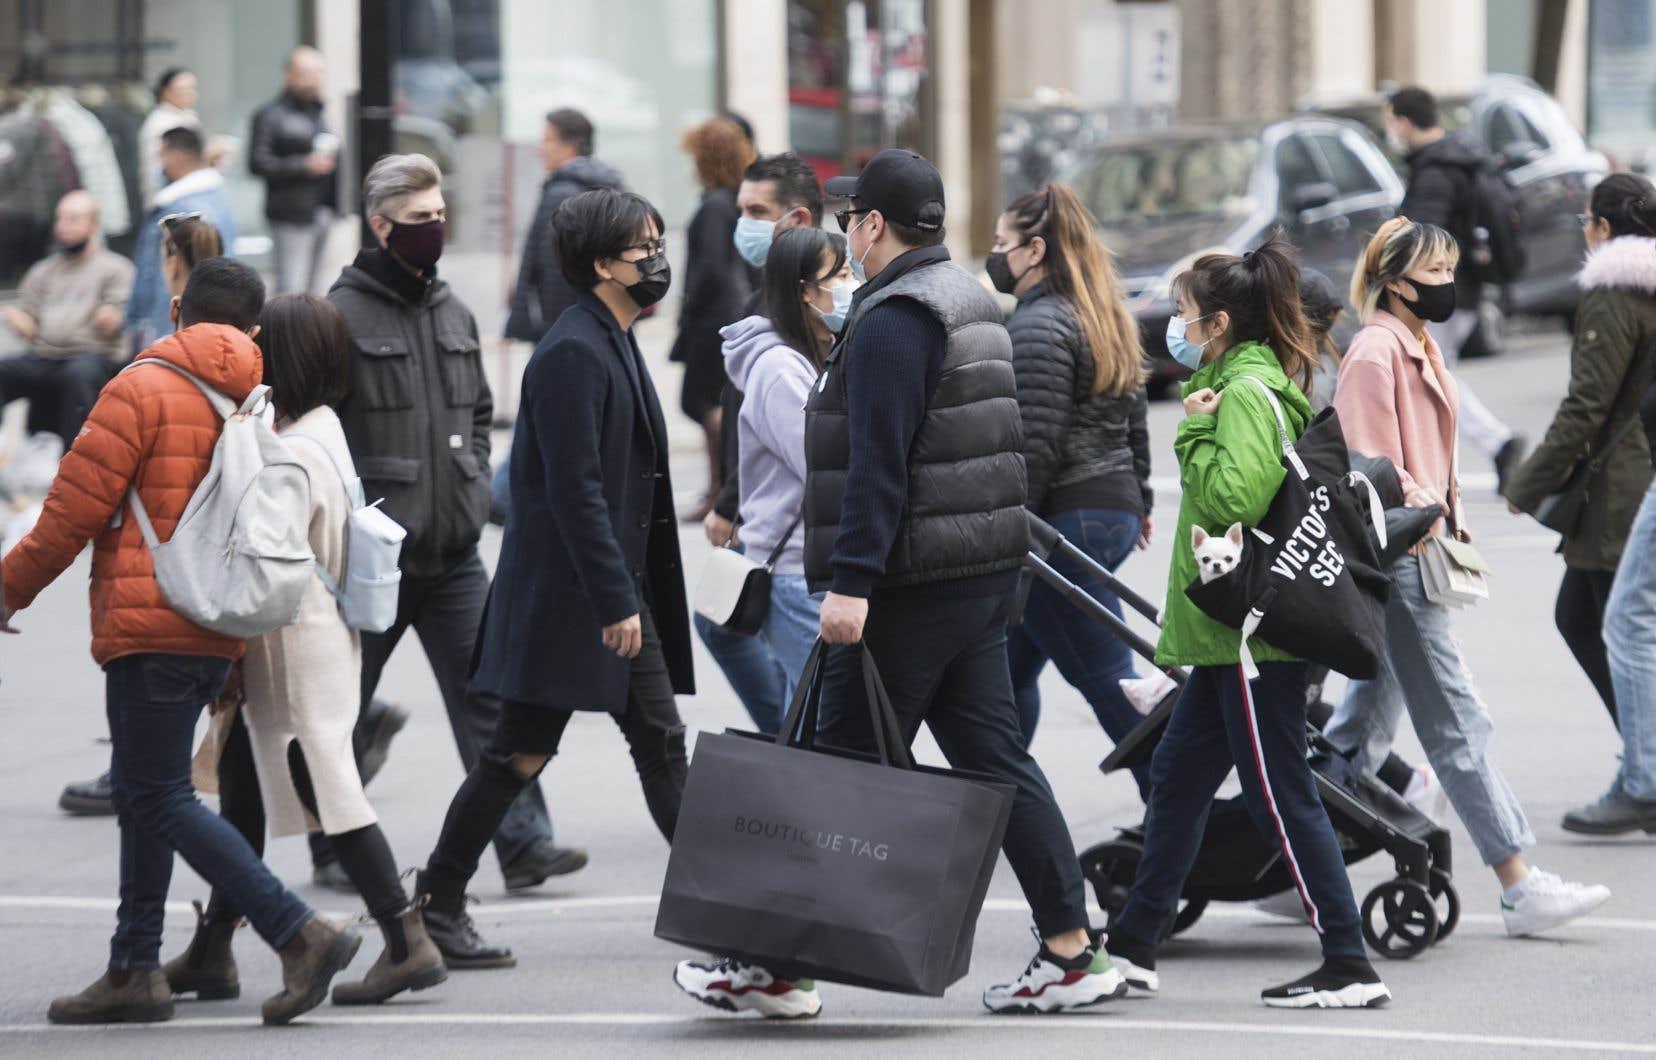 Le Québec recense 982 nouveaux cas de COVID-19, une baisse significative par rapport aux derniers jours.<br />